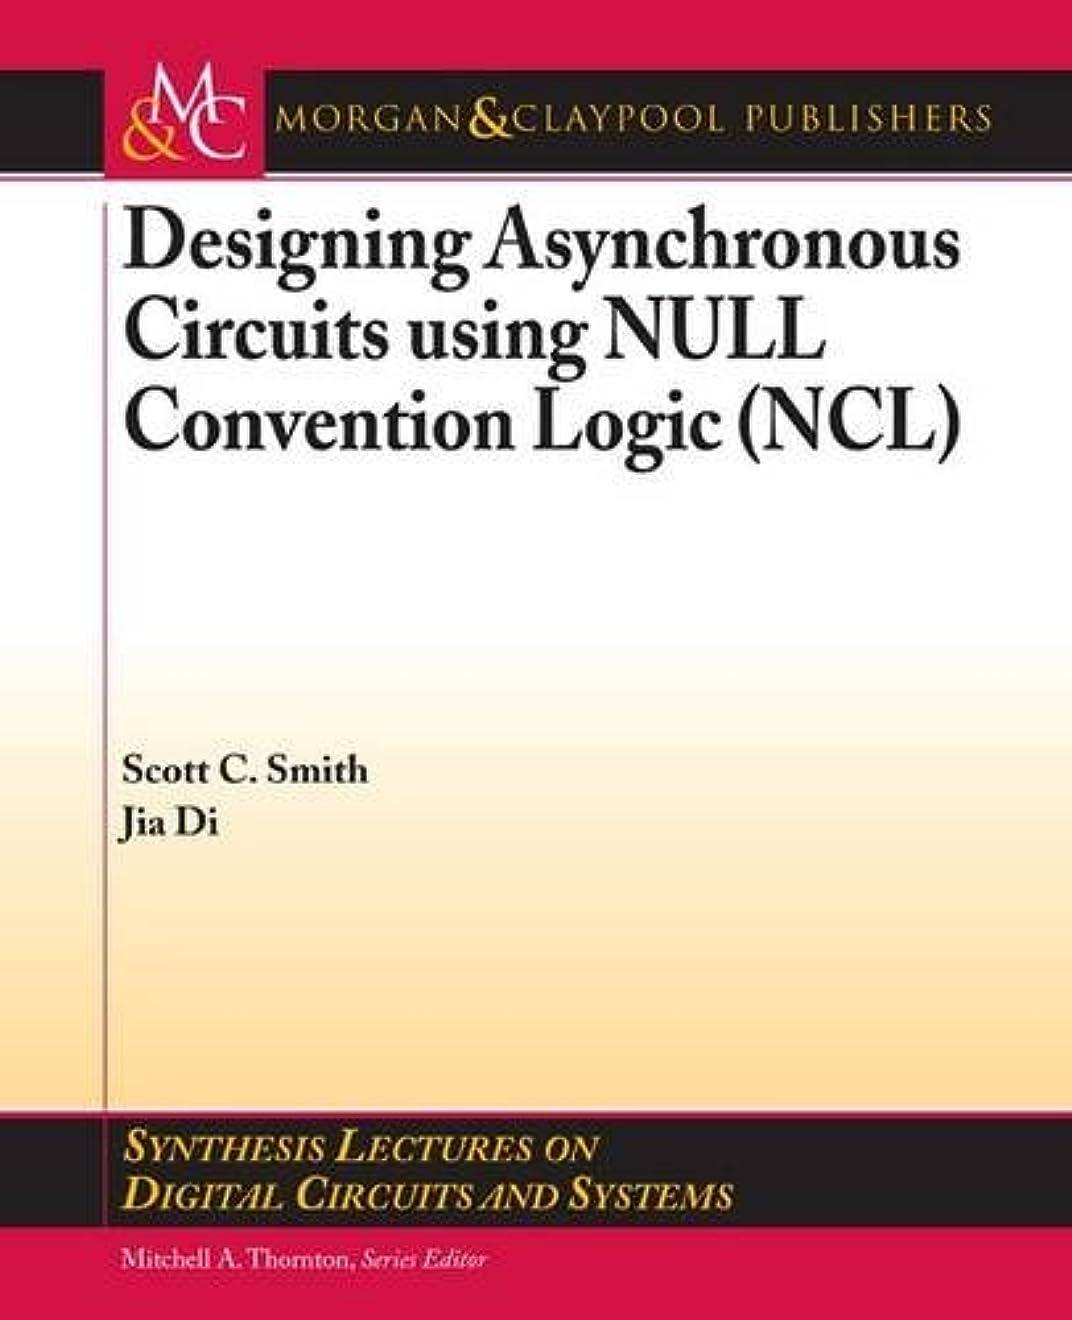 体細胞鉄道駅百万Designing Asynchronous Circuits Using Null Convention Logic Ncl (Synthesis Lectures on Digital Circuits and Systems)